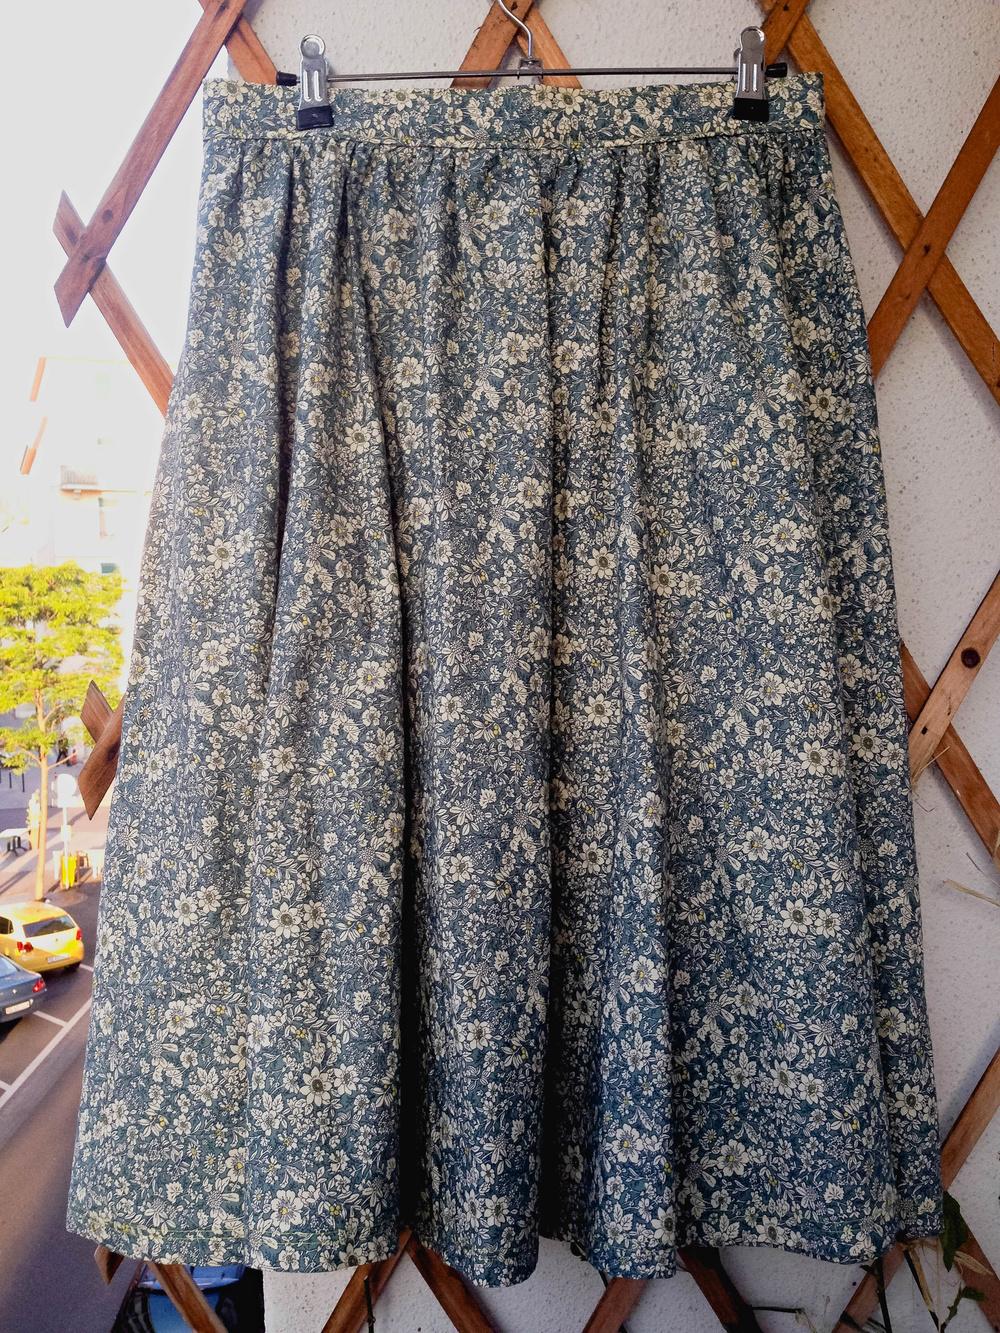 Skirt back